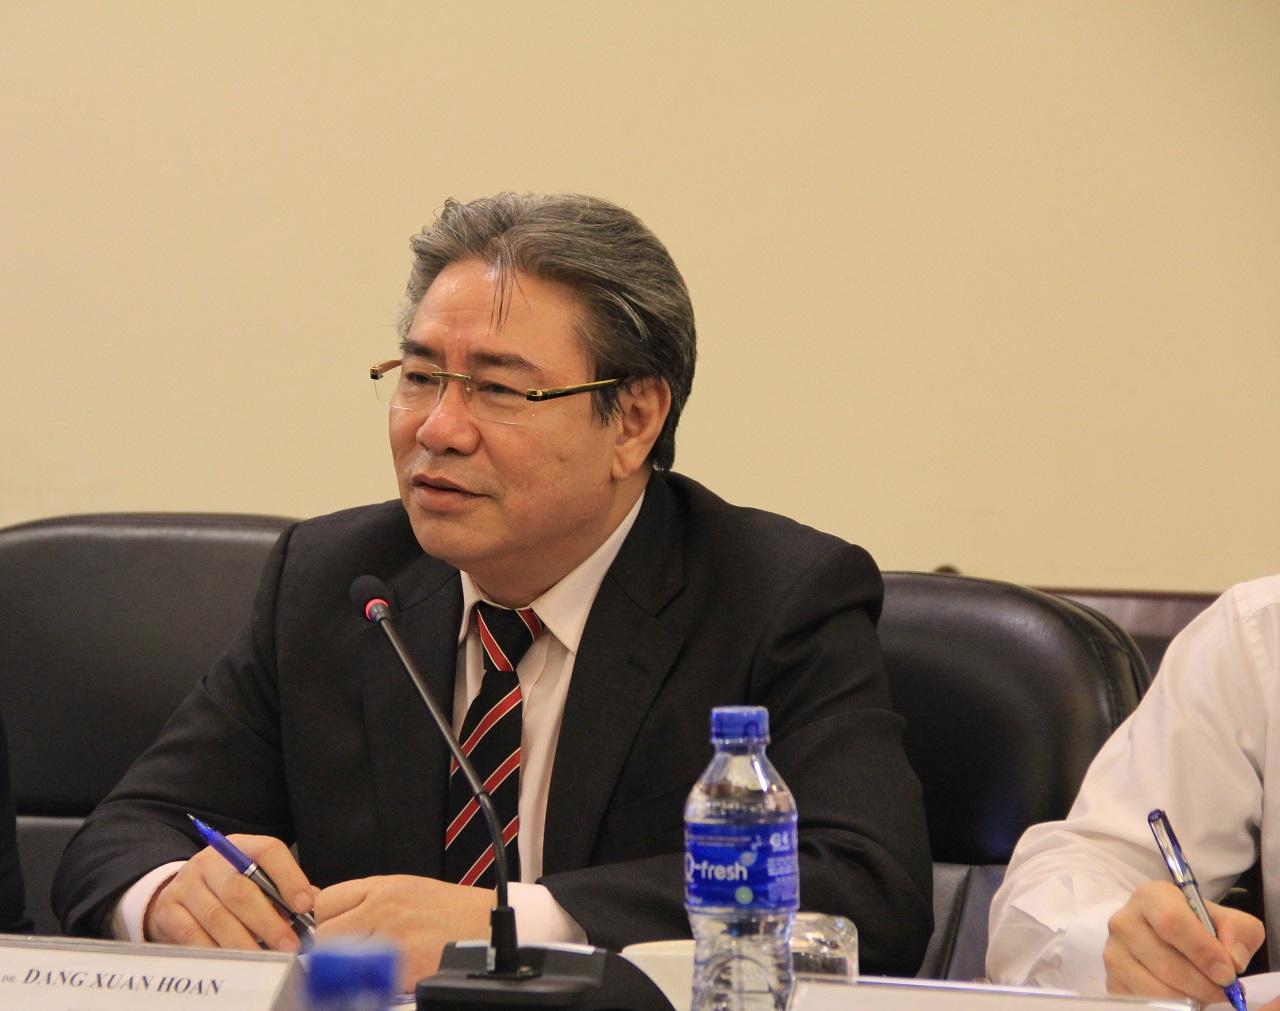 TS. Đặng Xuân Hoan, Giám đốc Học viện phát biểu chào mừng đoàn